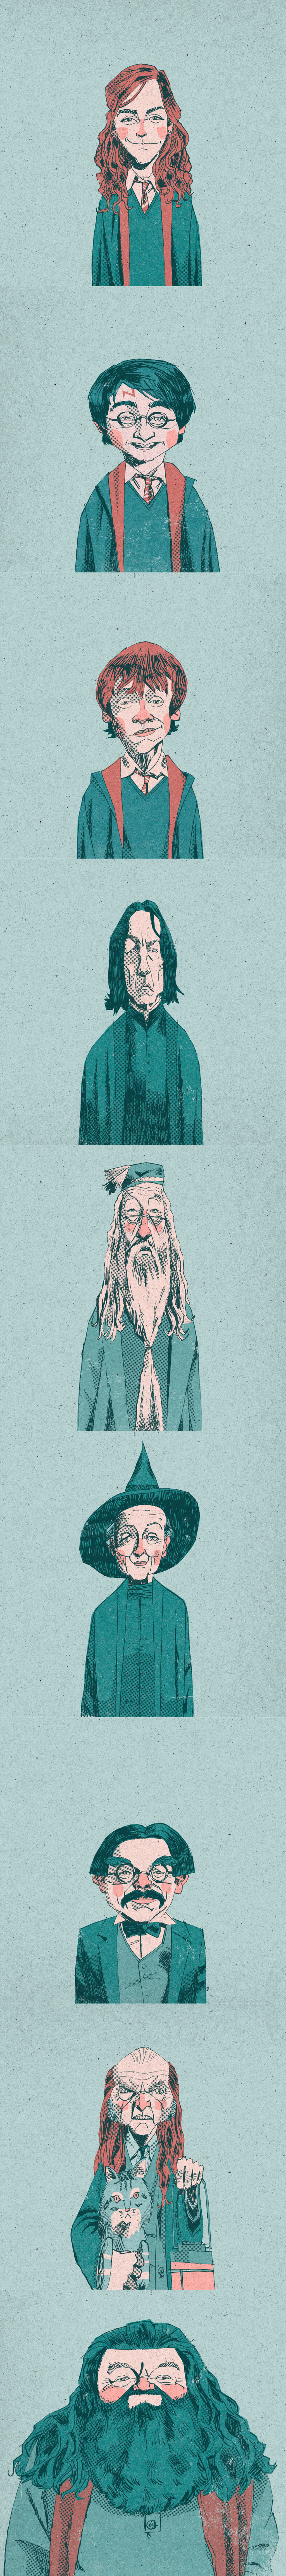 Harry Potter Fan Art by Alexander Jackson